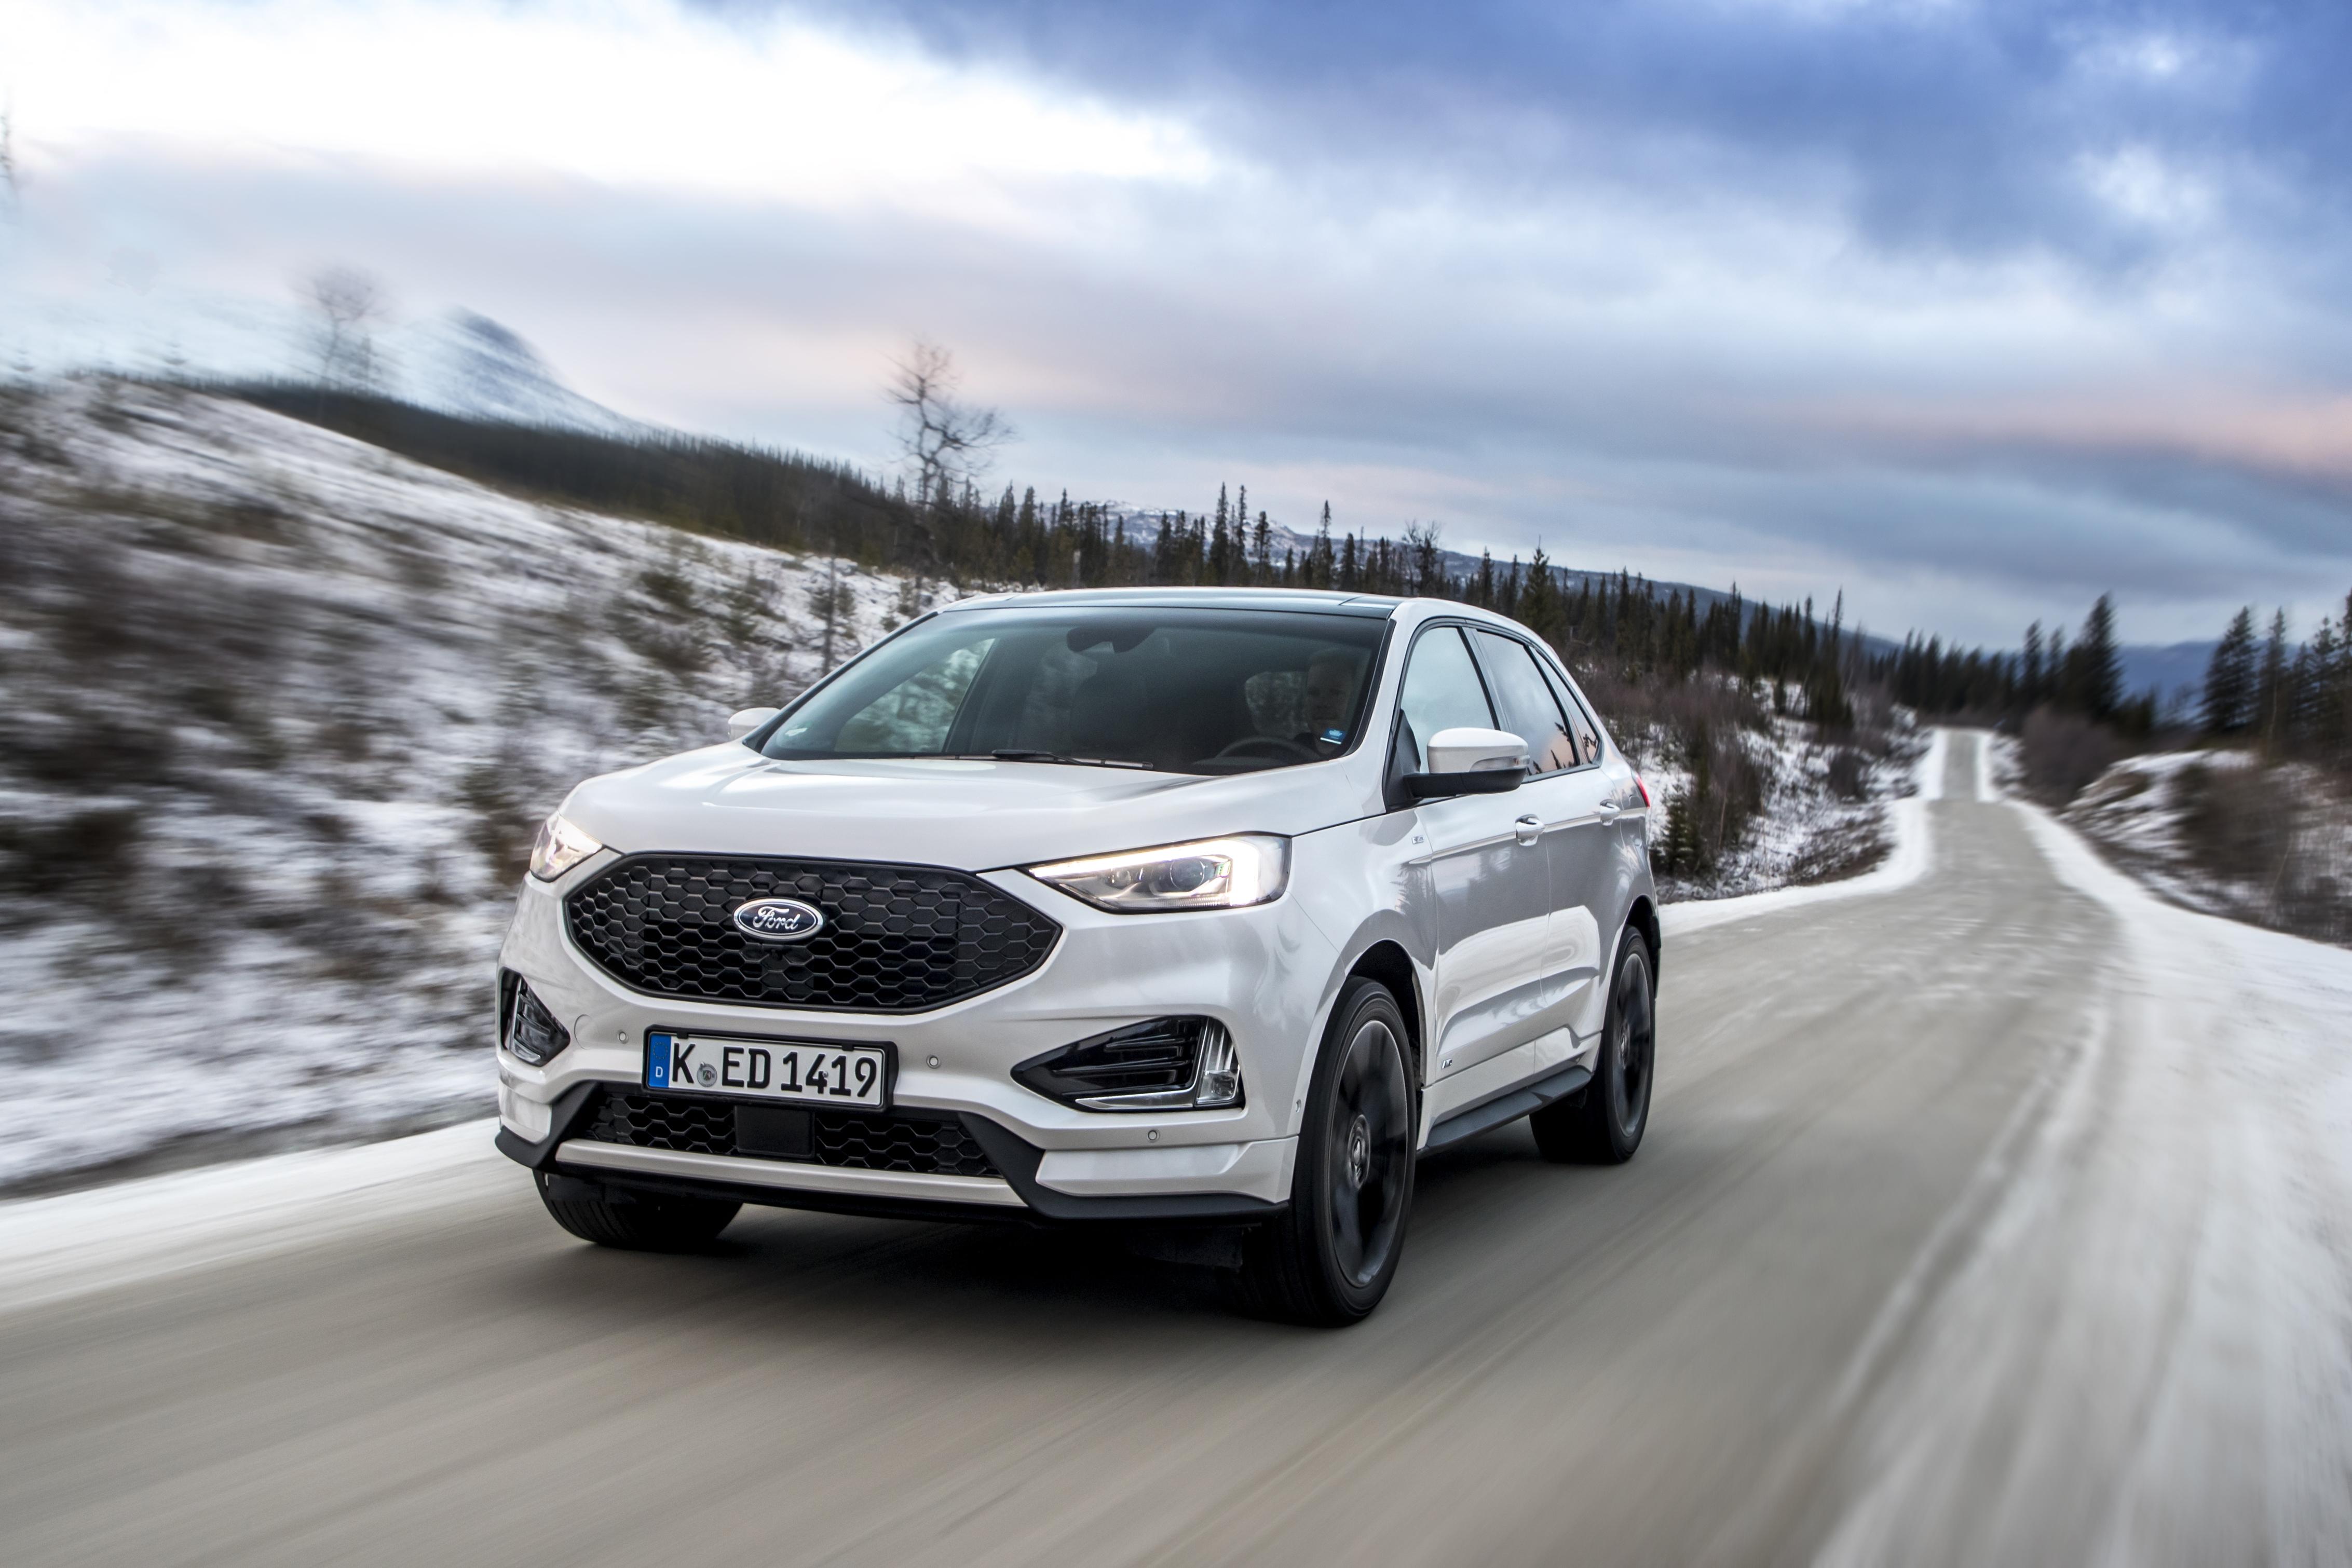 Nuova Ford Edge 2019 su strada